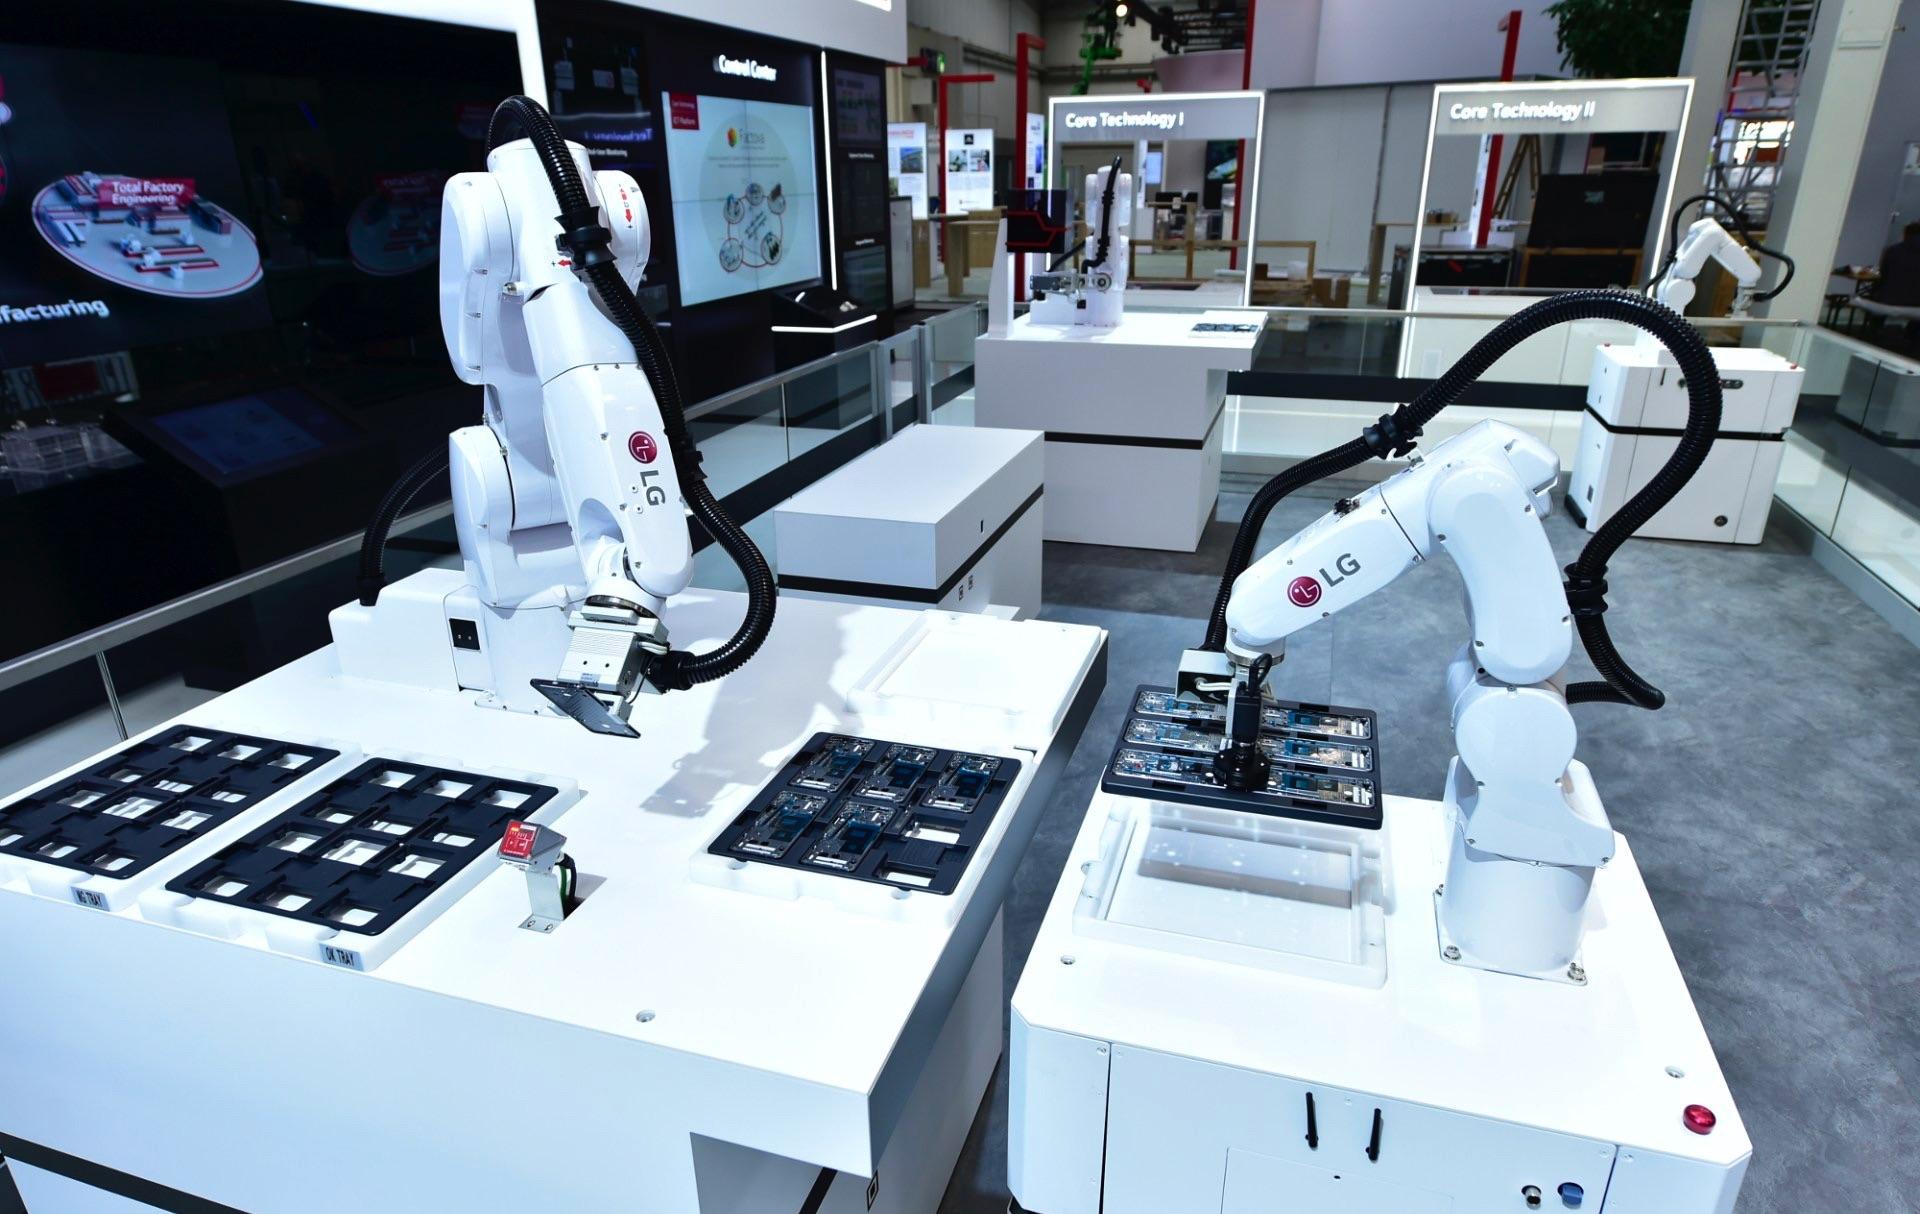 Inteligentne rozwiązania dla przemysłu na Hannover Messe 2019